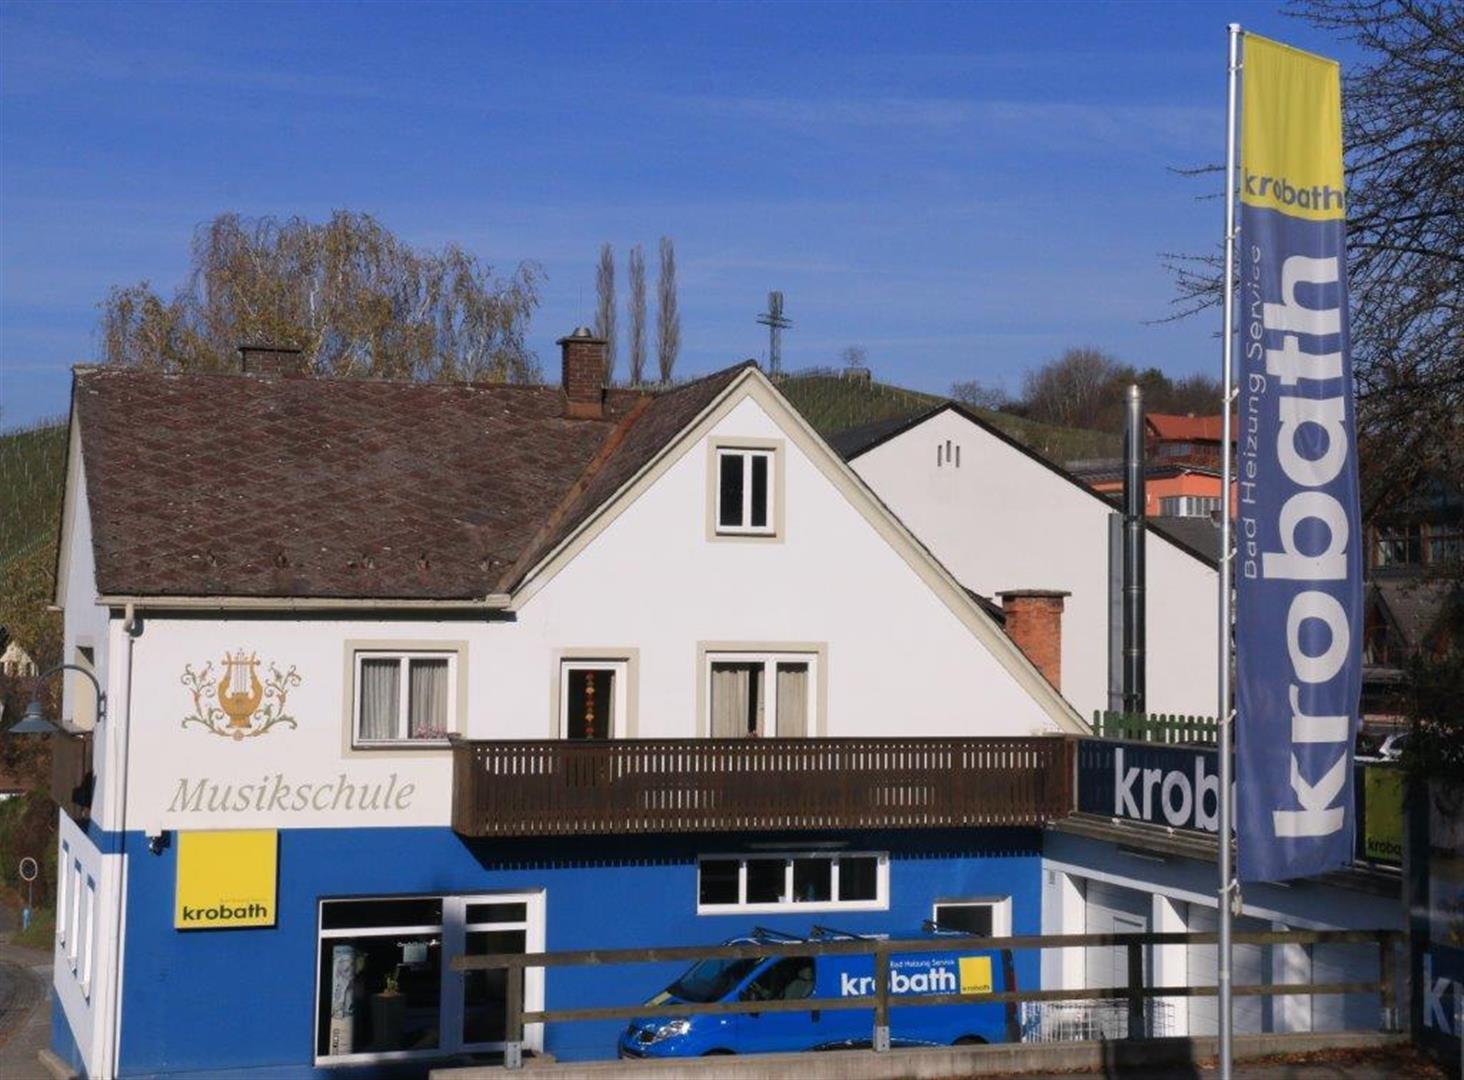 Krobath Bad Heizung Service GmbH - Straden